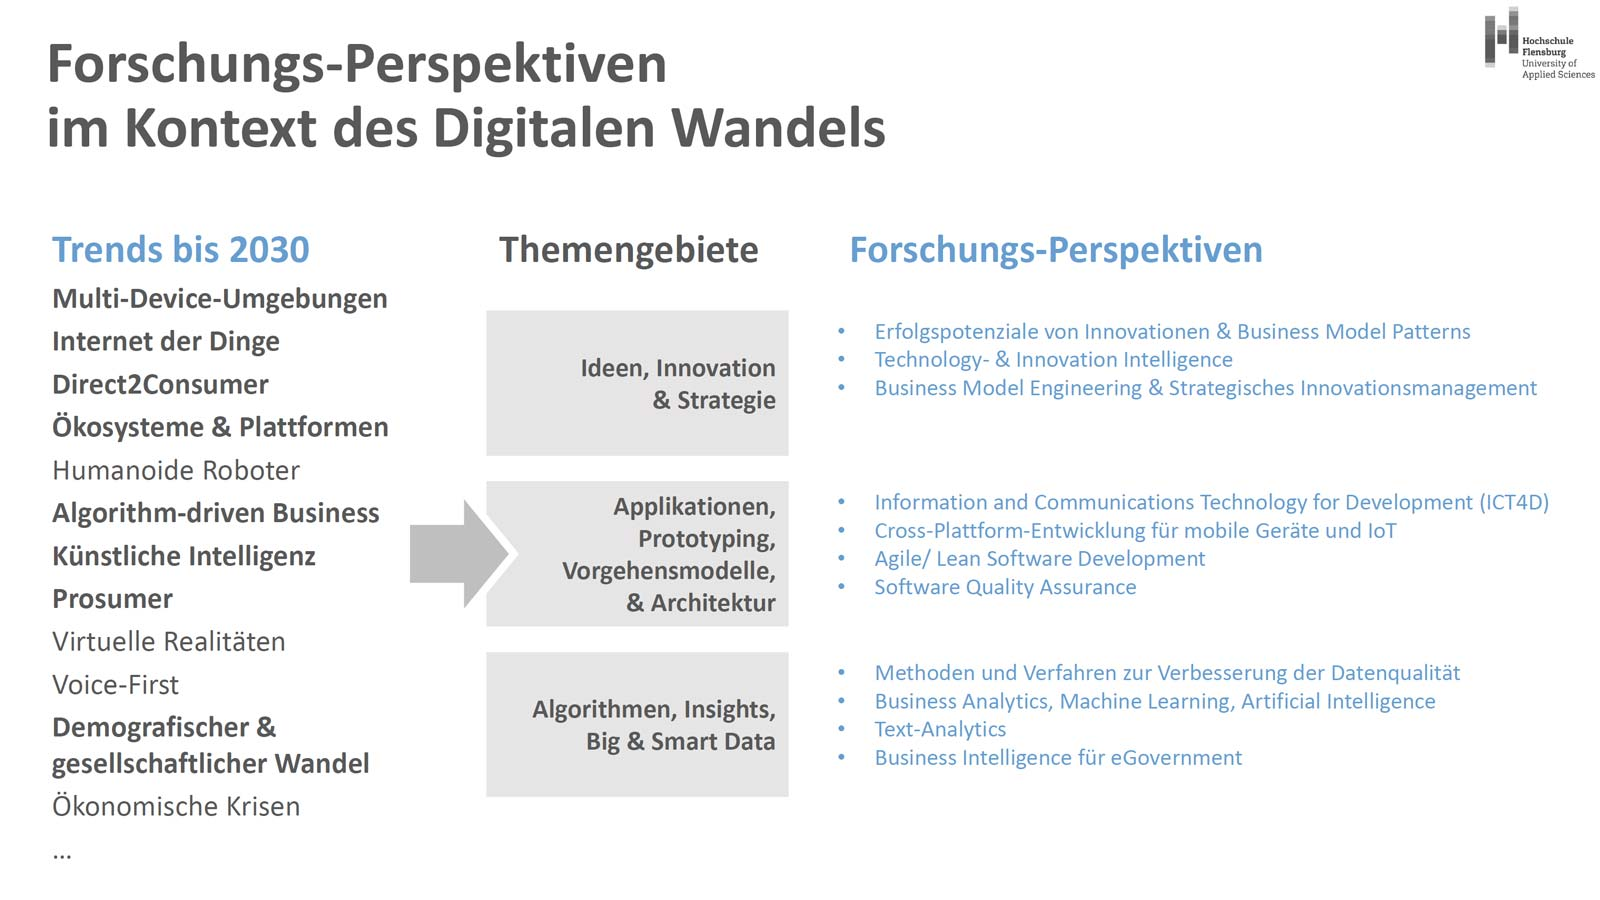 Forschungsperspektiven im Master Wirtschaftsinformatik/ WI in Flensburg